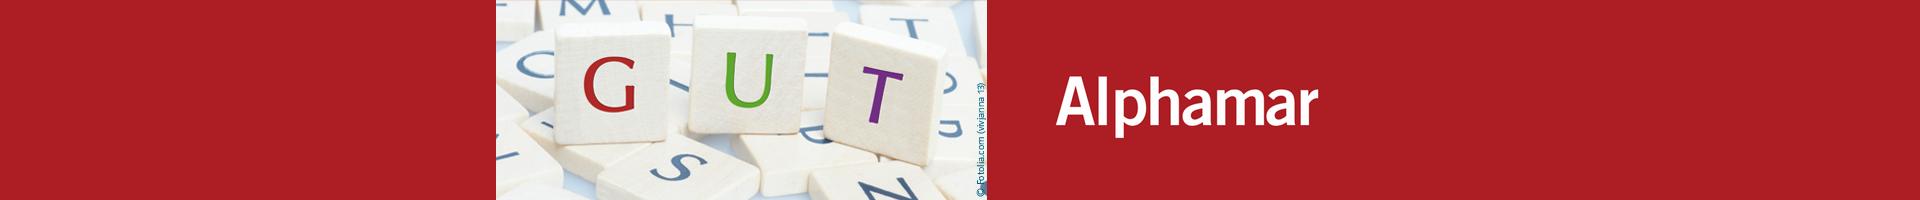 Alphamar | Der Alphabetisierungskurs von Klett Sprachen